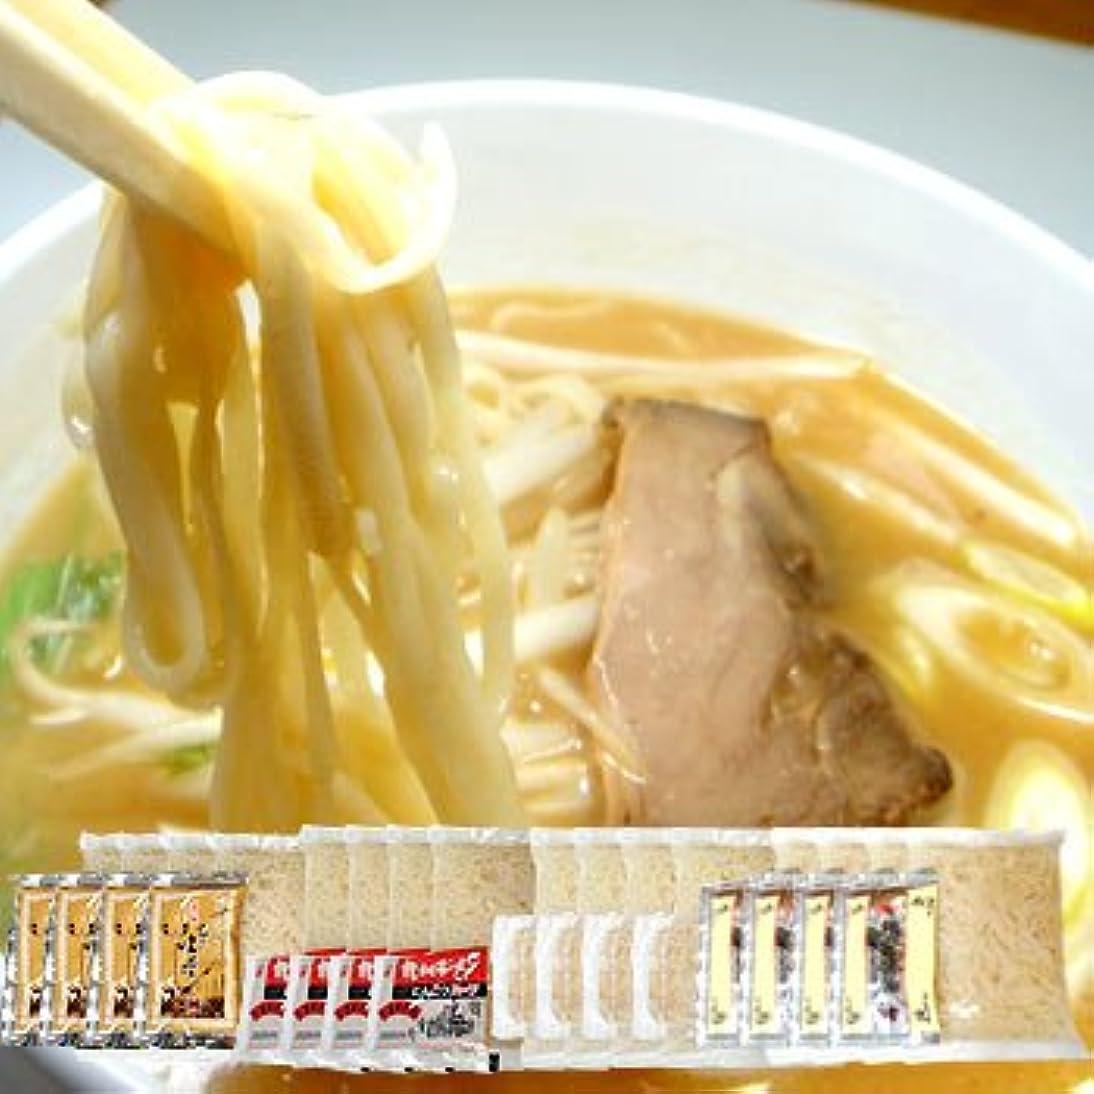 ために平野麦芽こんにゃくラーメン4味16食 (味噌4、醤油4、塩4、豚骨4)【ダイエット】【ヌードル】【麺】【コラーゲン配合選べるセット】